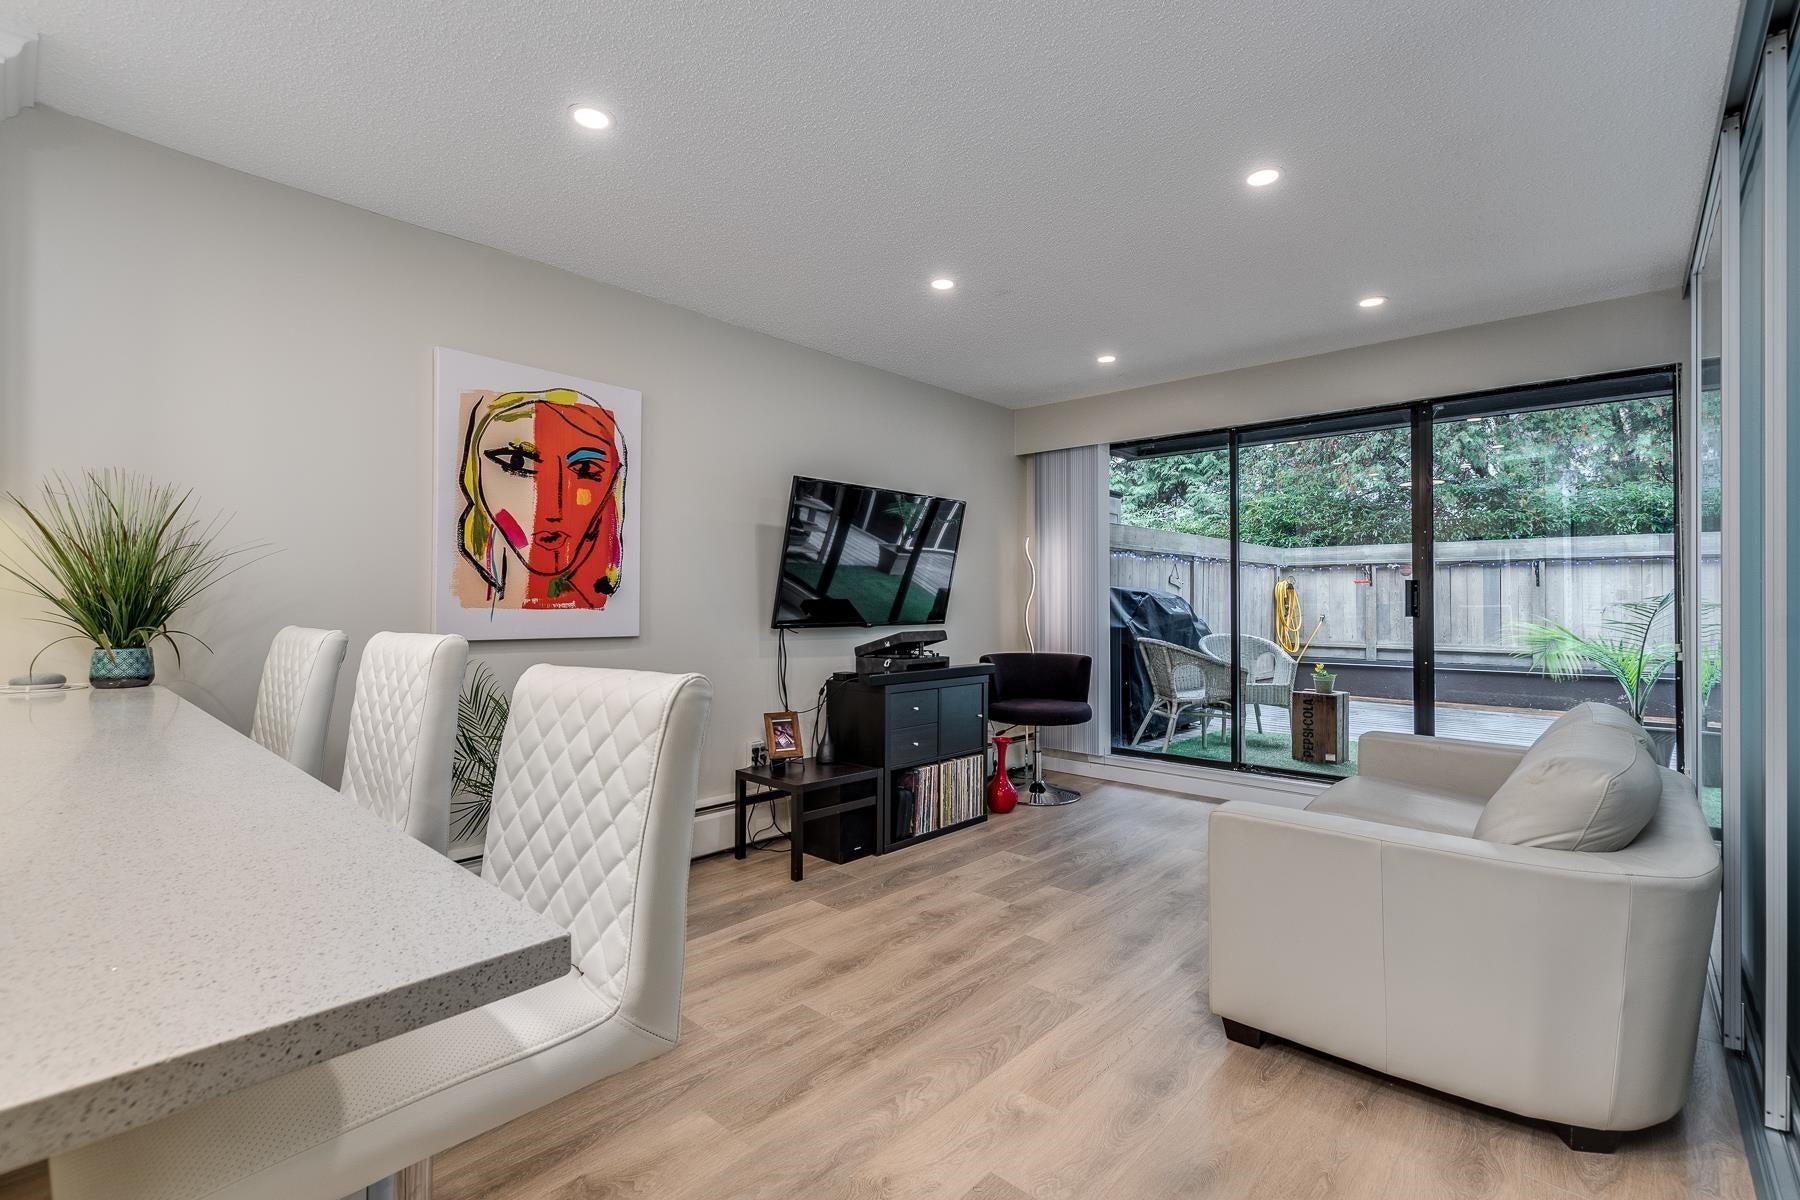 109 2255 W 8TH AVENUE - Kitsilano Apartment/Condo for sale, 1 Bedroom (R2626772)